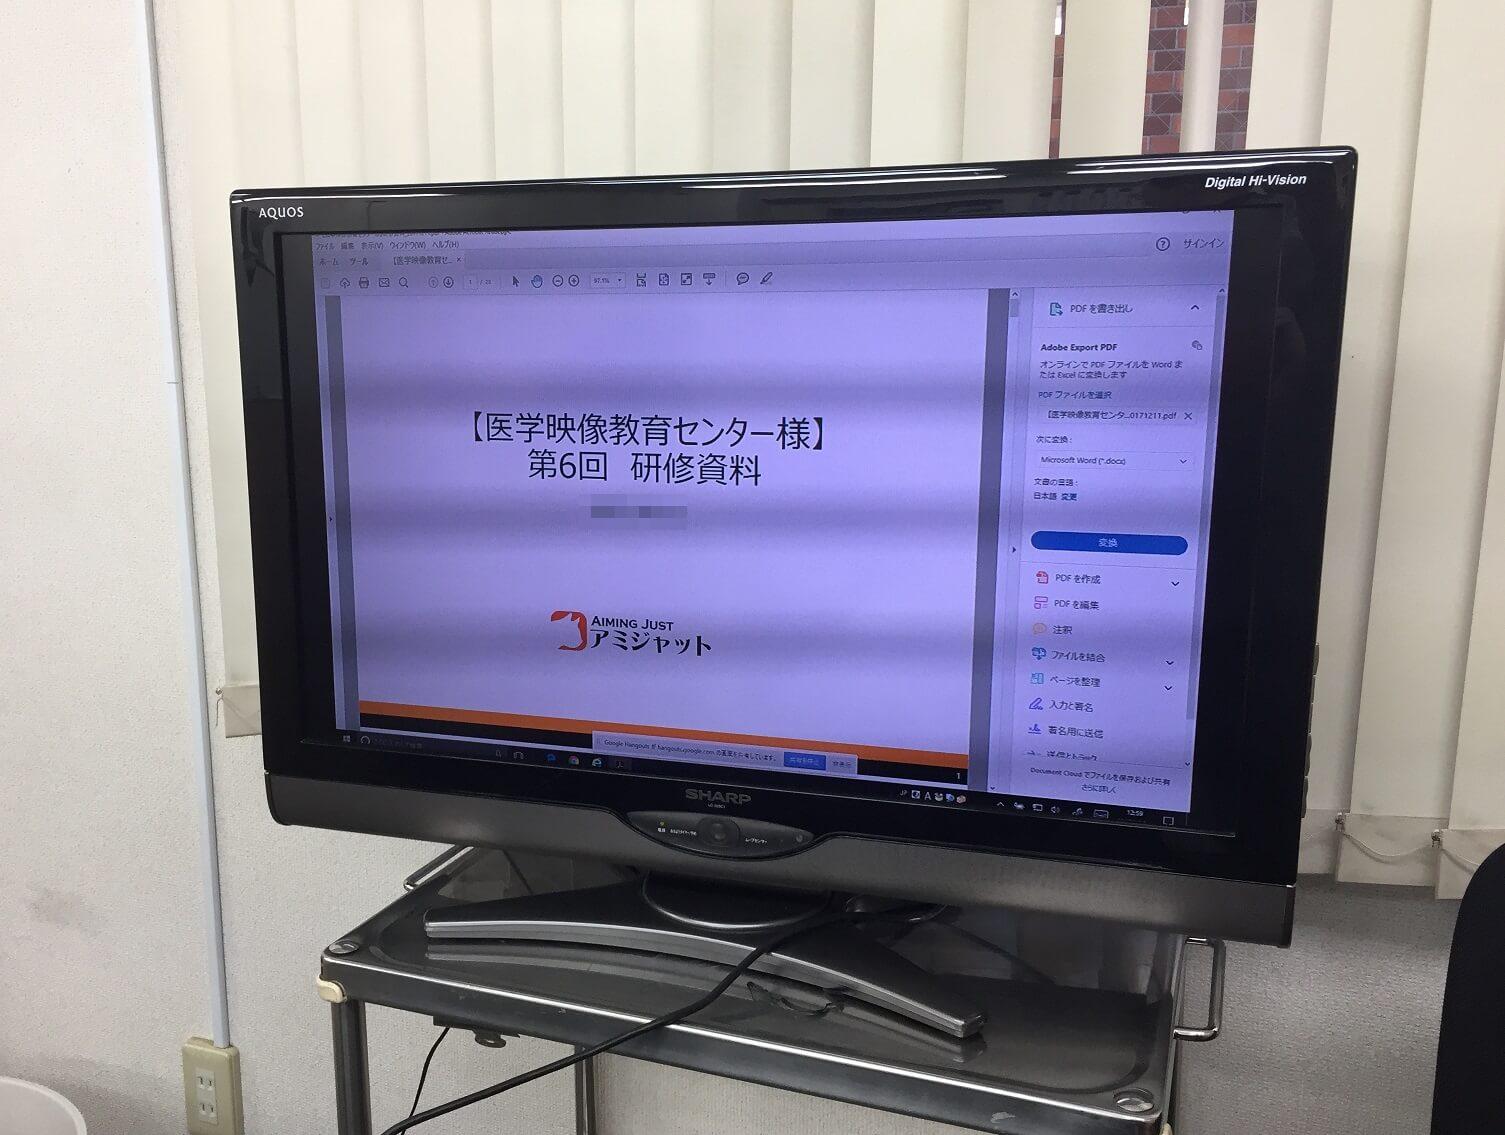 リスティング広告のインハウス支援研修のモニター画面